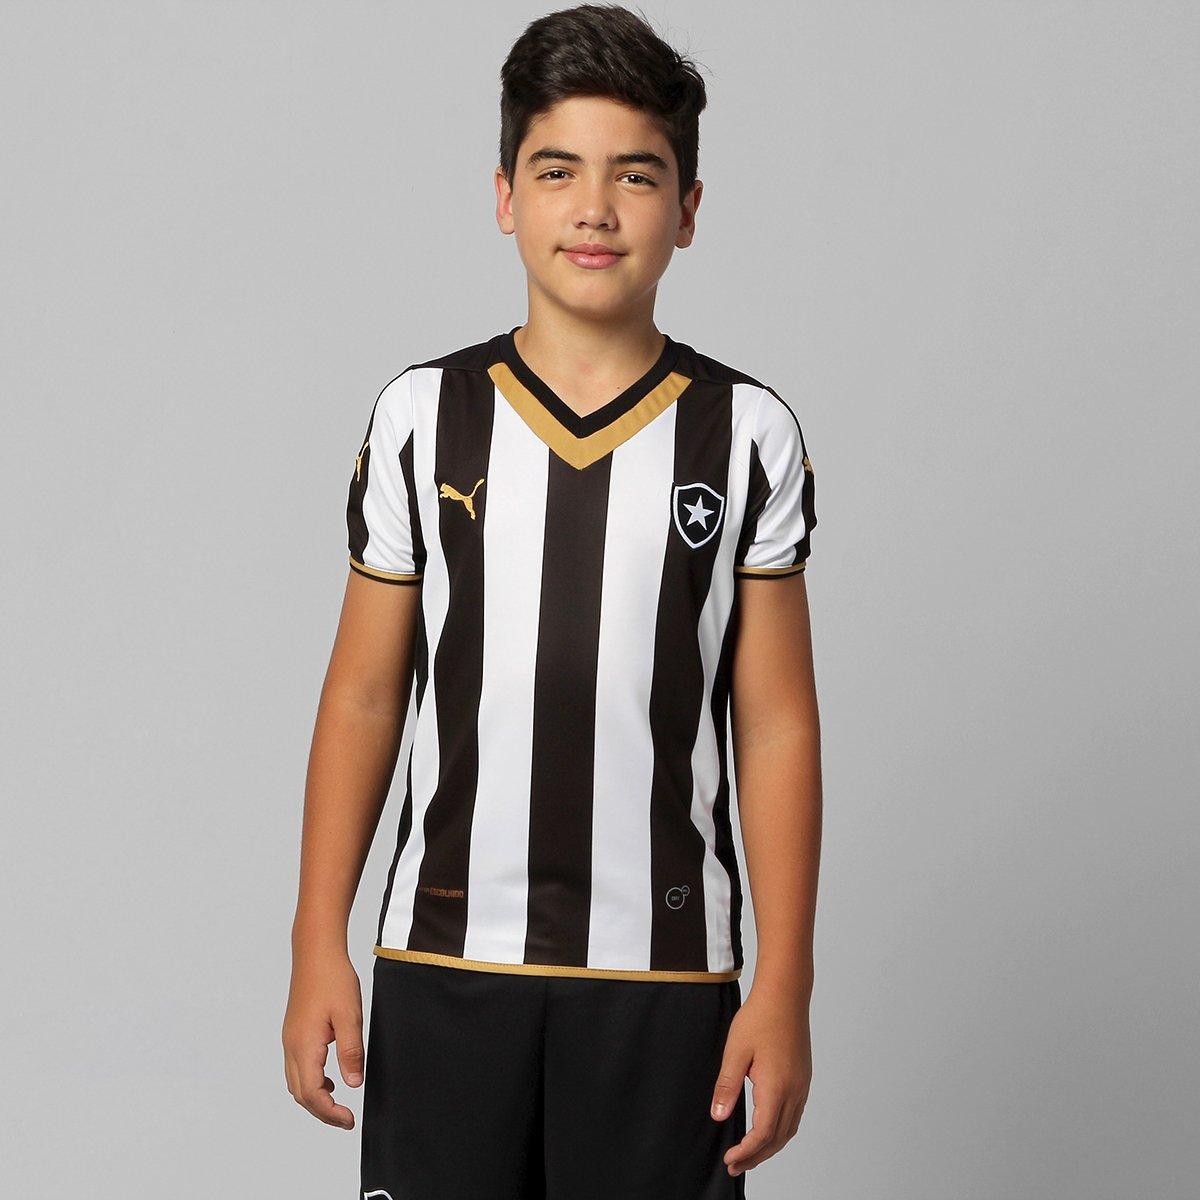 Camisa Puma Botafogo I 2014 s nº Infantil - Compre Agora  52f5bb880feee